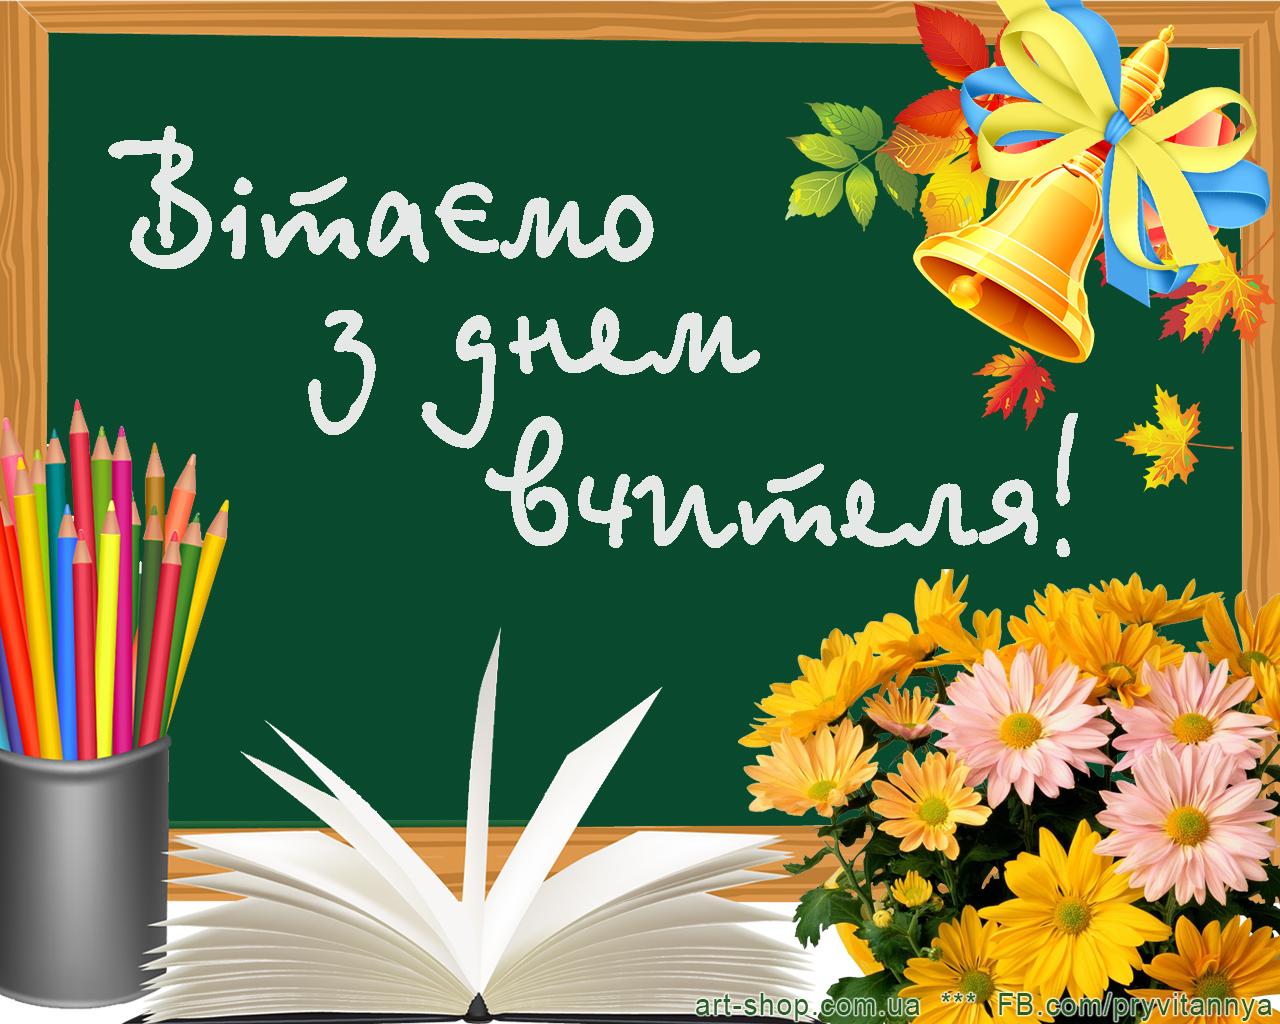 Открытки с днем учителя на украинском